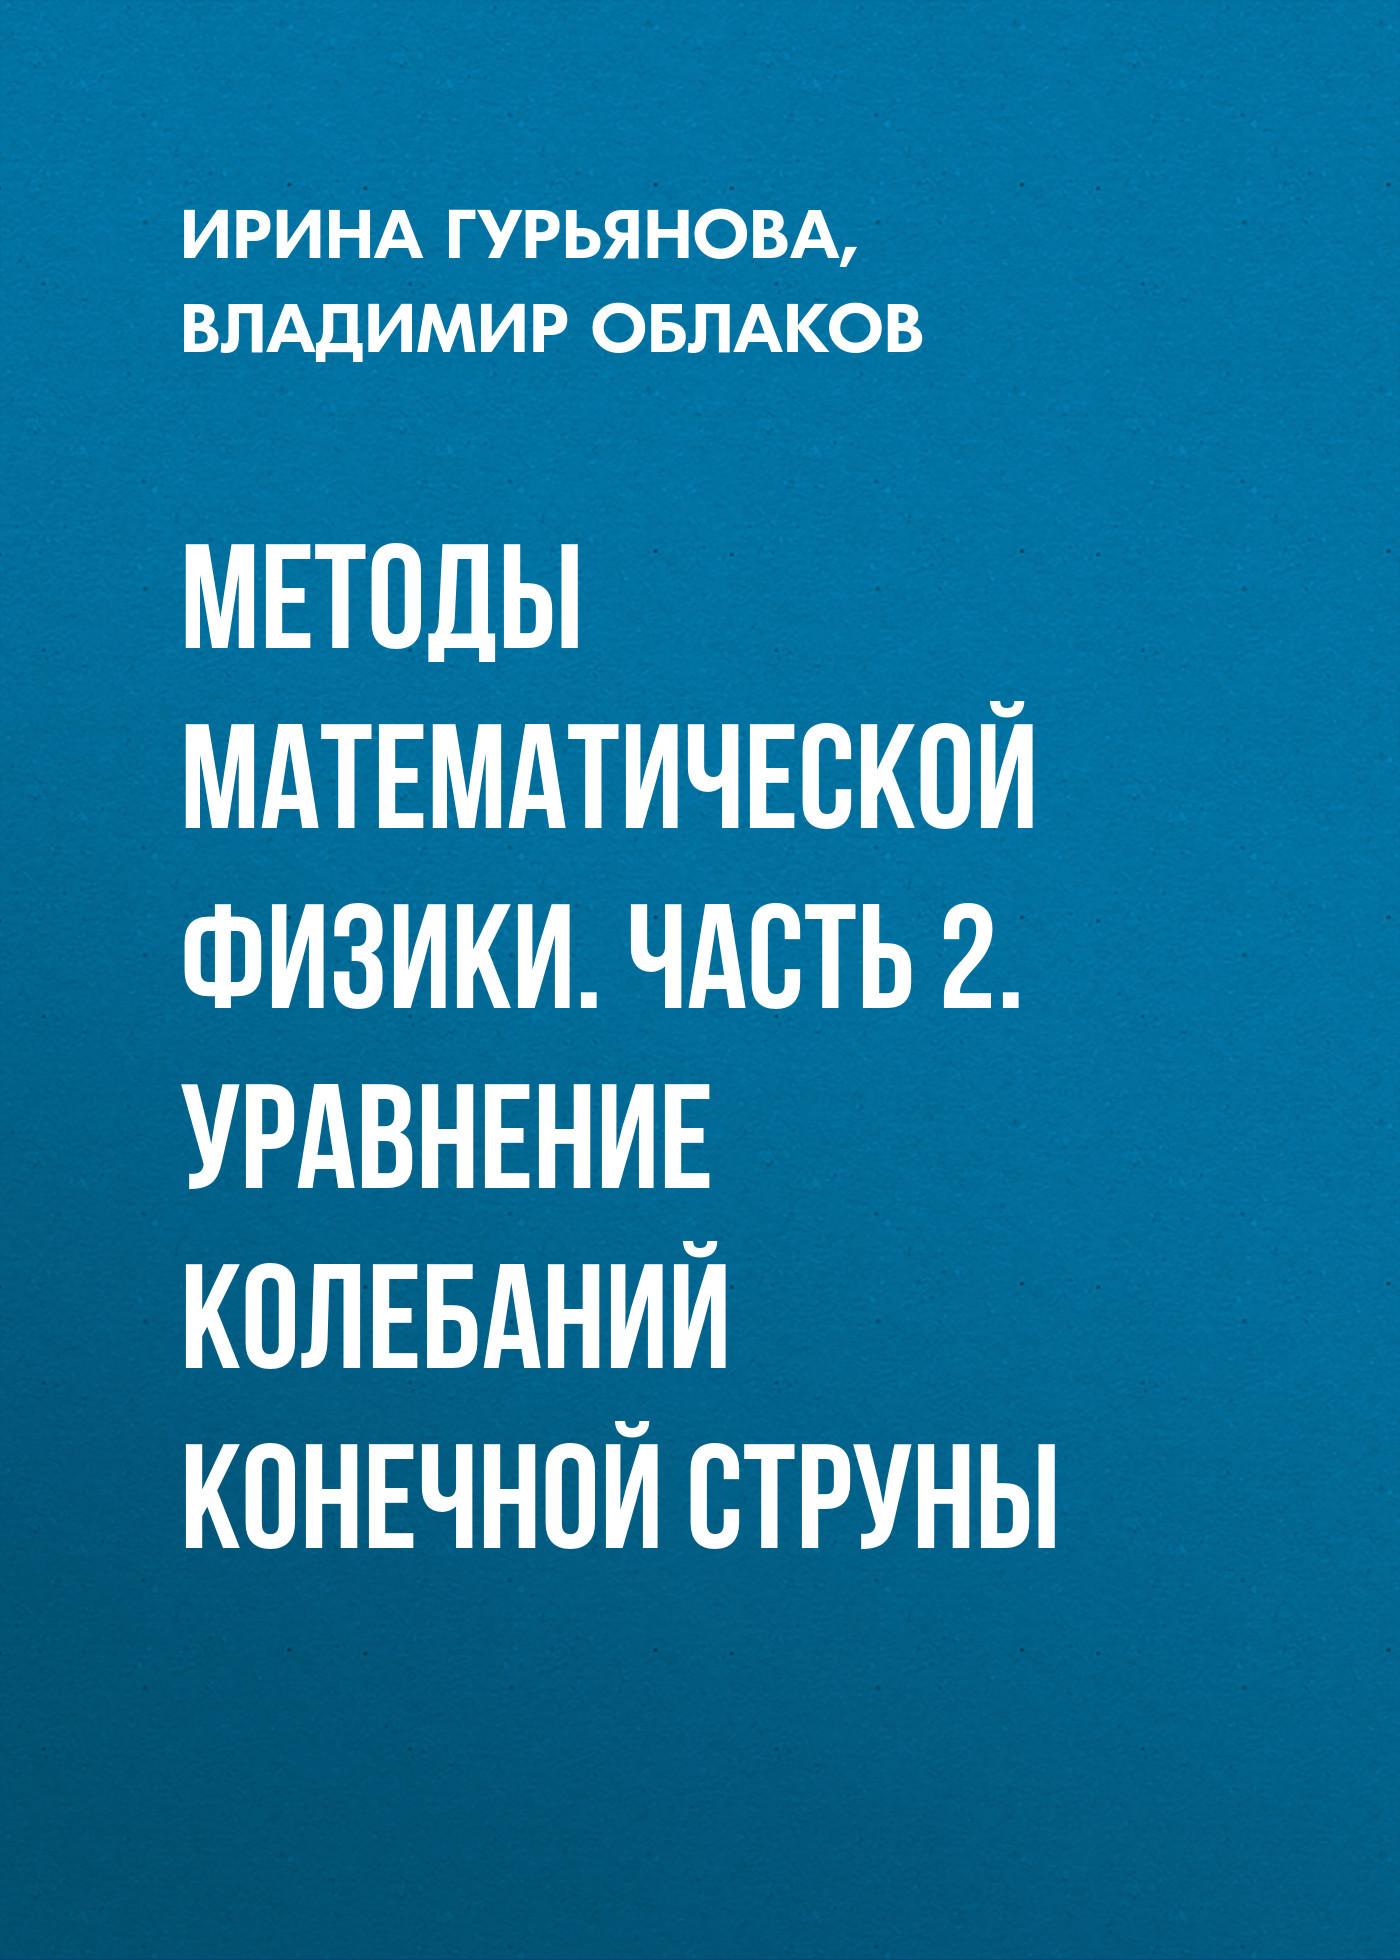 Обложка книги Методы математической физики. Часть 2. Уравнение колебаний конечной струны, автор Ирина Гурьянова